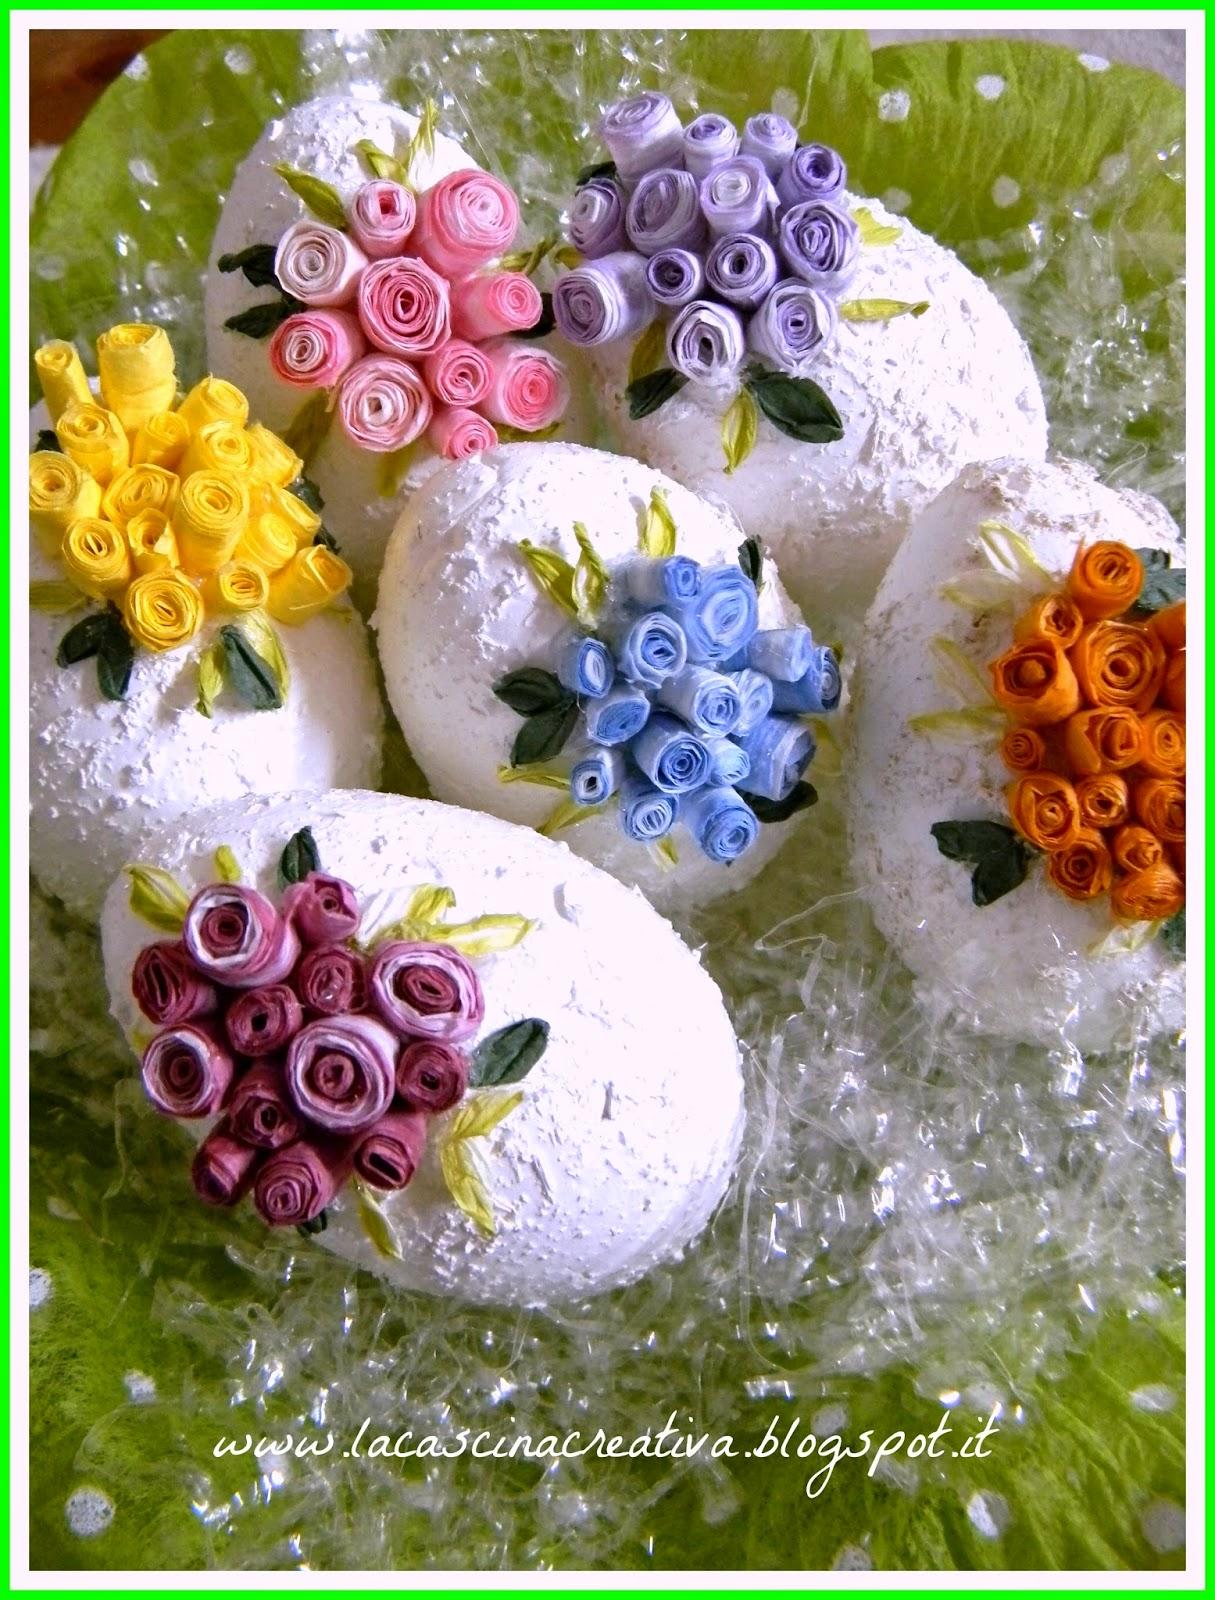 La cascina creativa uova pasquali decorate con roselline - Uova decorate per bambini ...